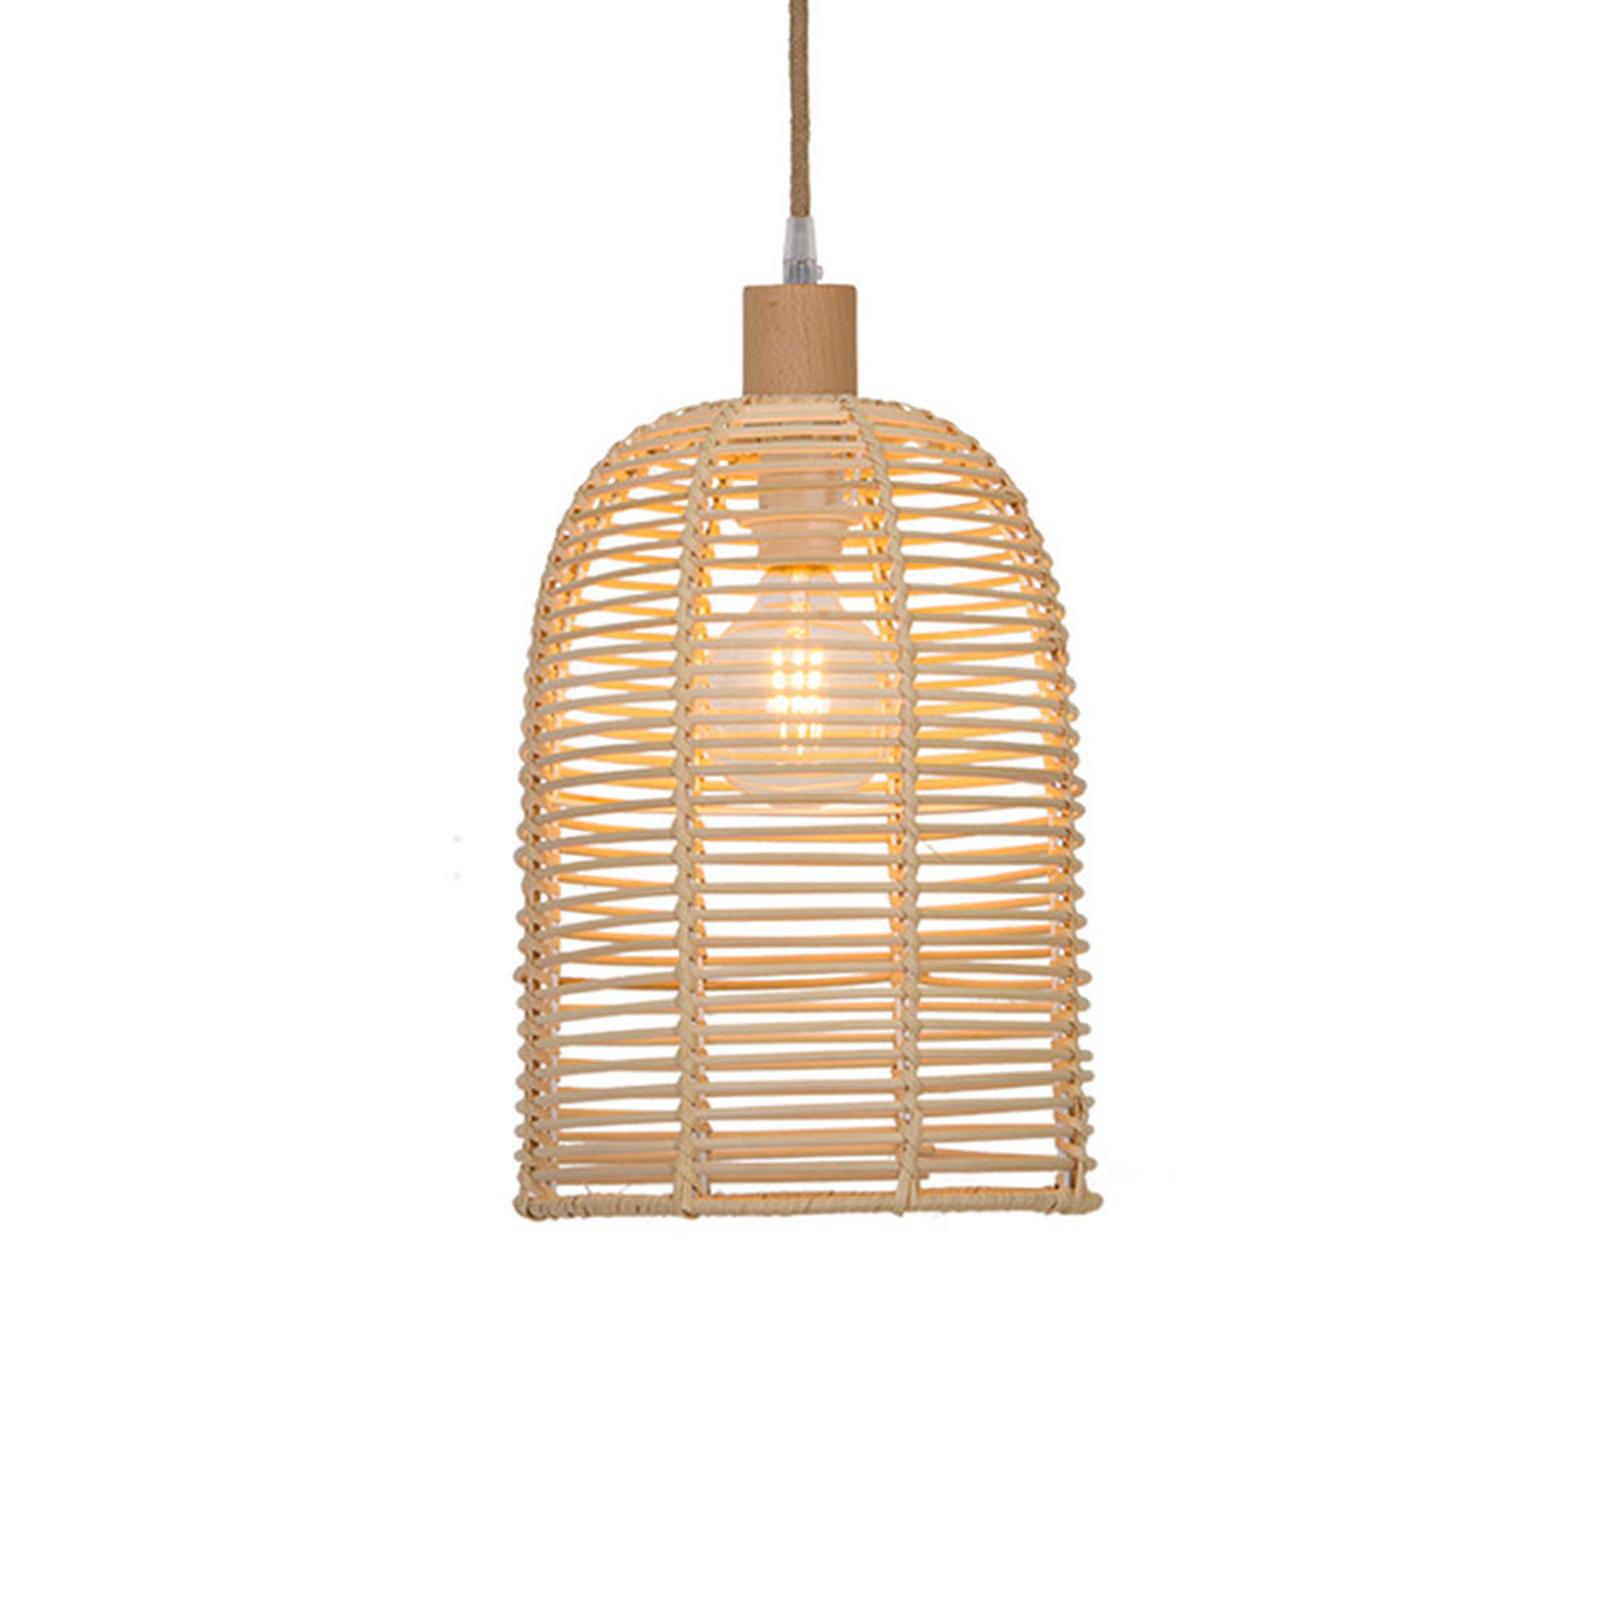 Hanglamp Bell van hout